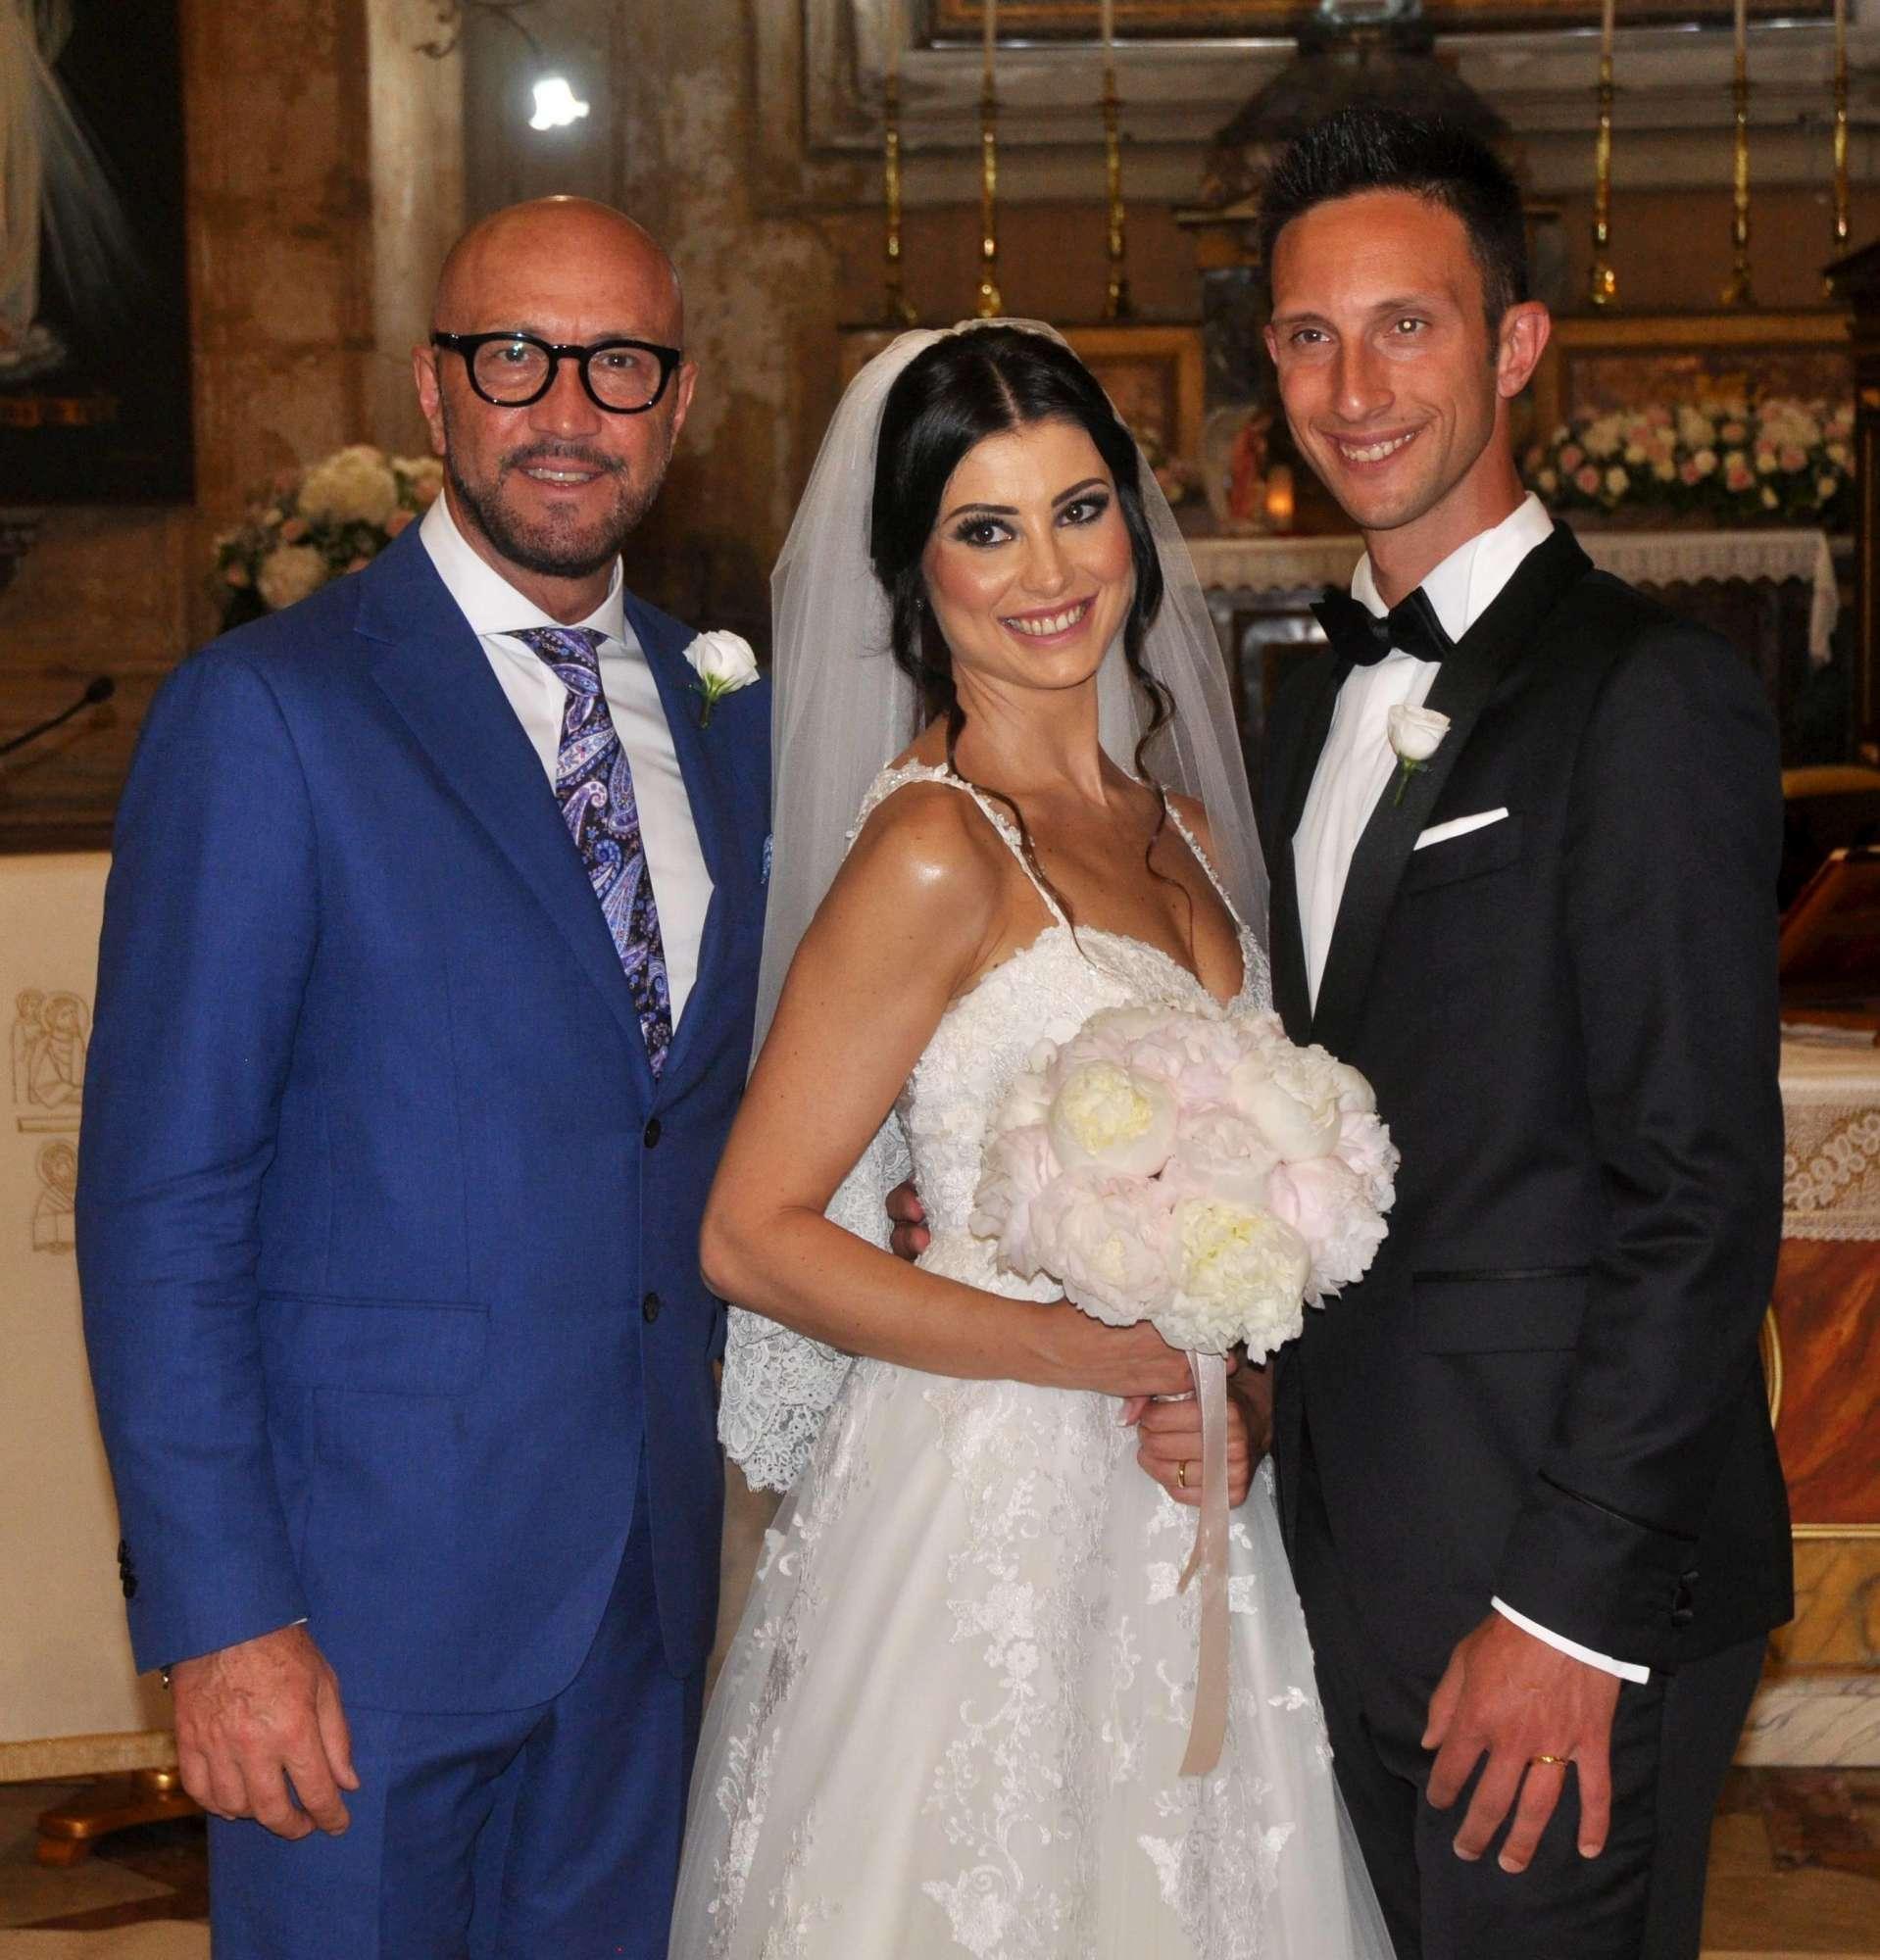 Zenga si sposa, nozze a Palermo per il primogenito dell'ex portiere